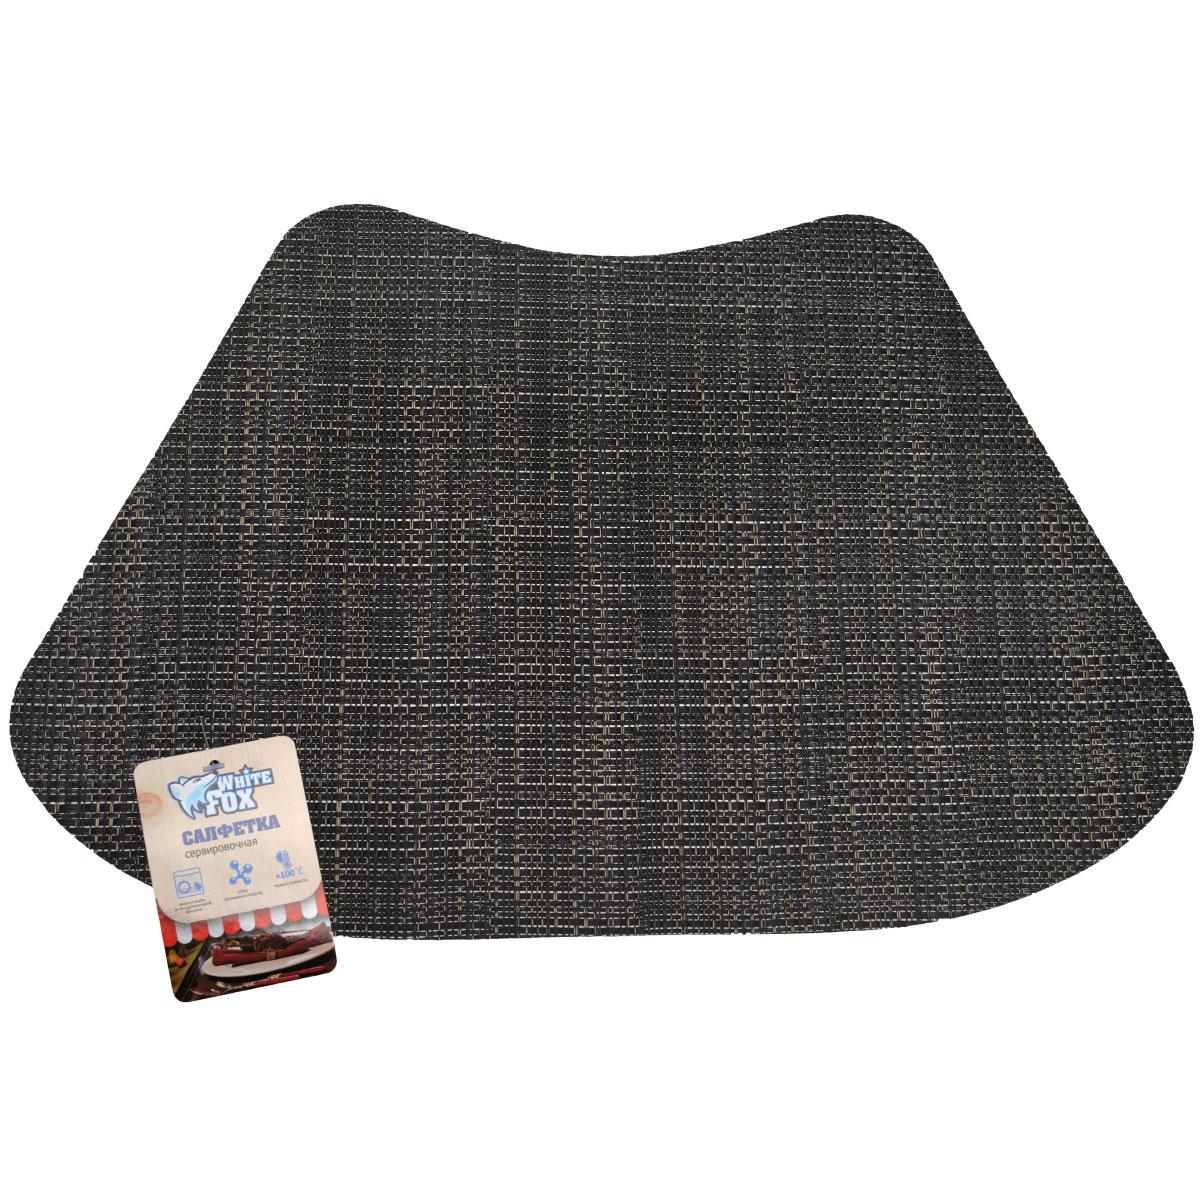 Салфетка сервировочная White Fox Трапеция, цвет: коричневый, 30 x 45 смVT-1520(SR)Салфетка White Fox Трапеция, выполненная из ПВХ, предназначена для сервировки стола. Она служит защитой от царапин и различных следов, а также используется в качестве подставки под горячее. Форма Трапеция разработана специально для наиболее удобного расположения посуды и столовых приборов.